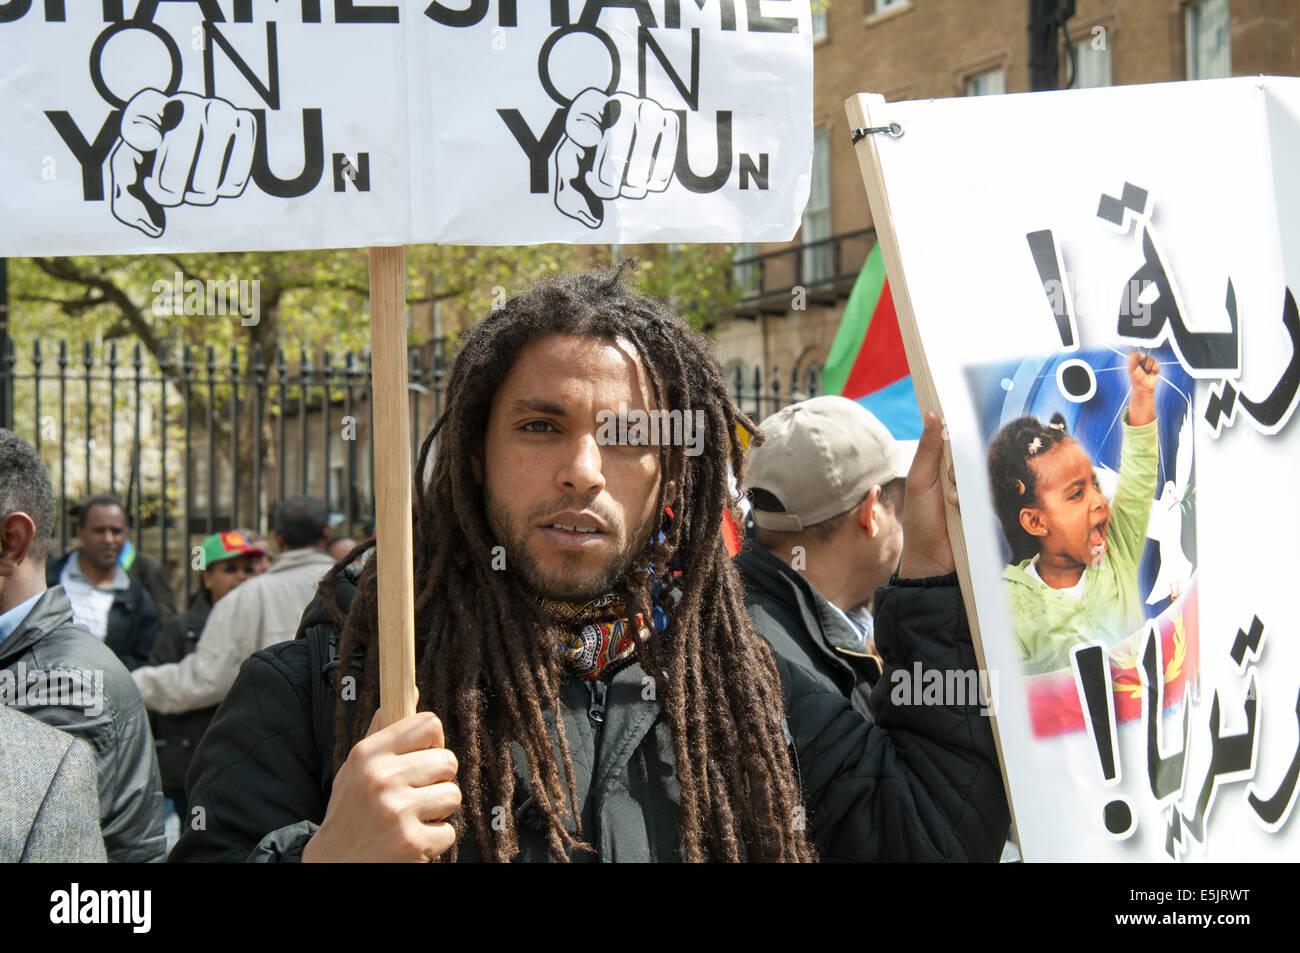 Manifestant de l'Érythrée, en face de Downing Street, Londres, Angleterre. Photo Stock